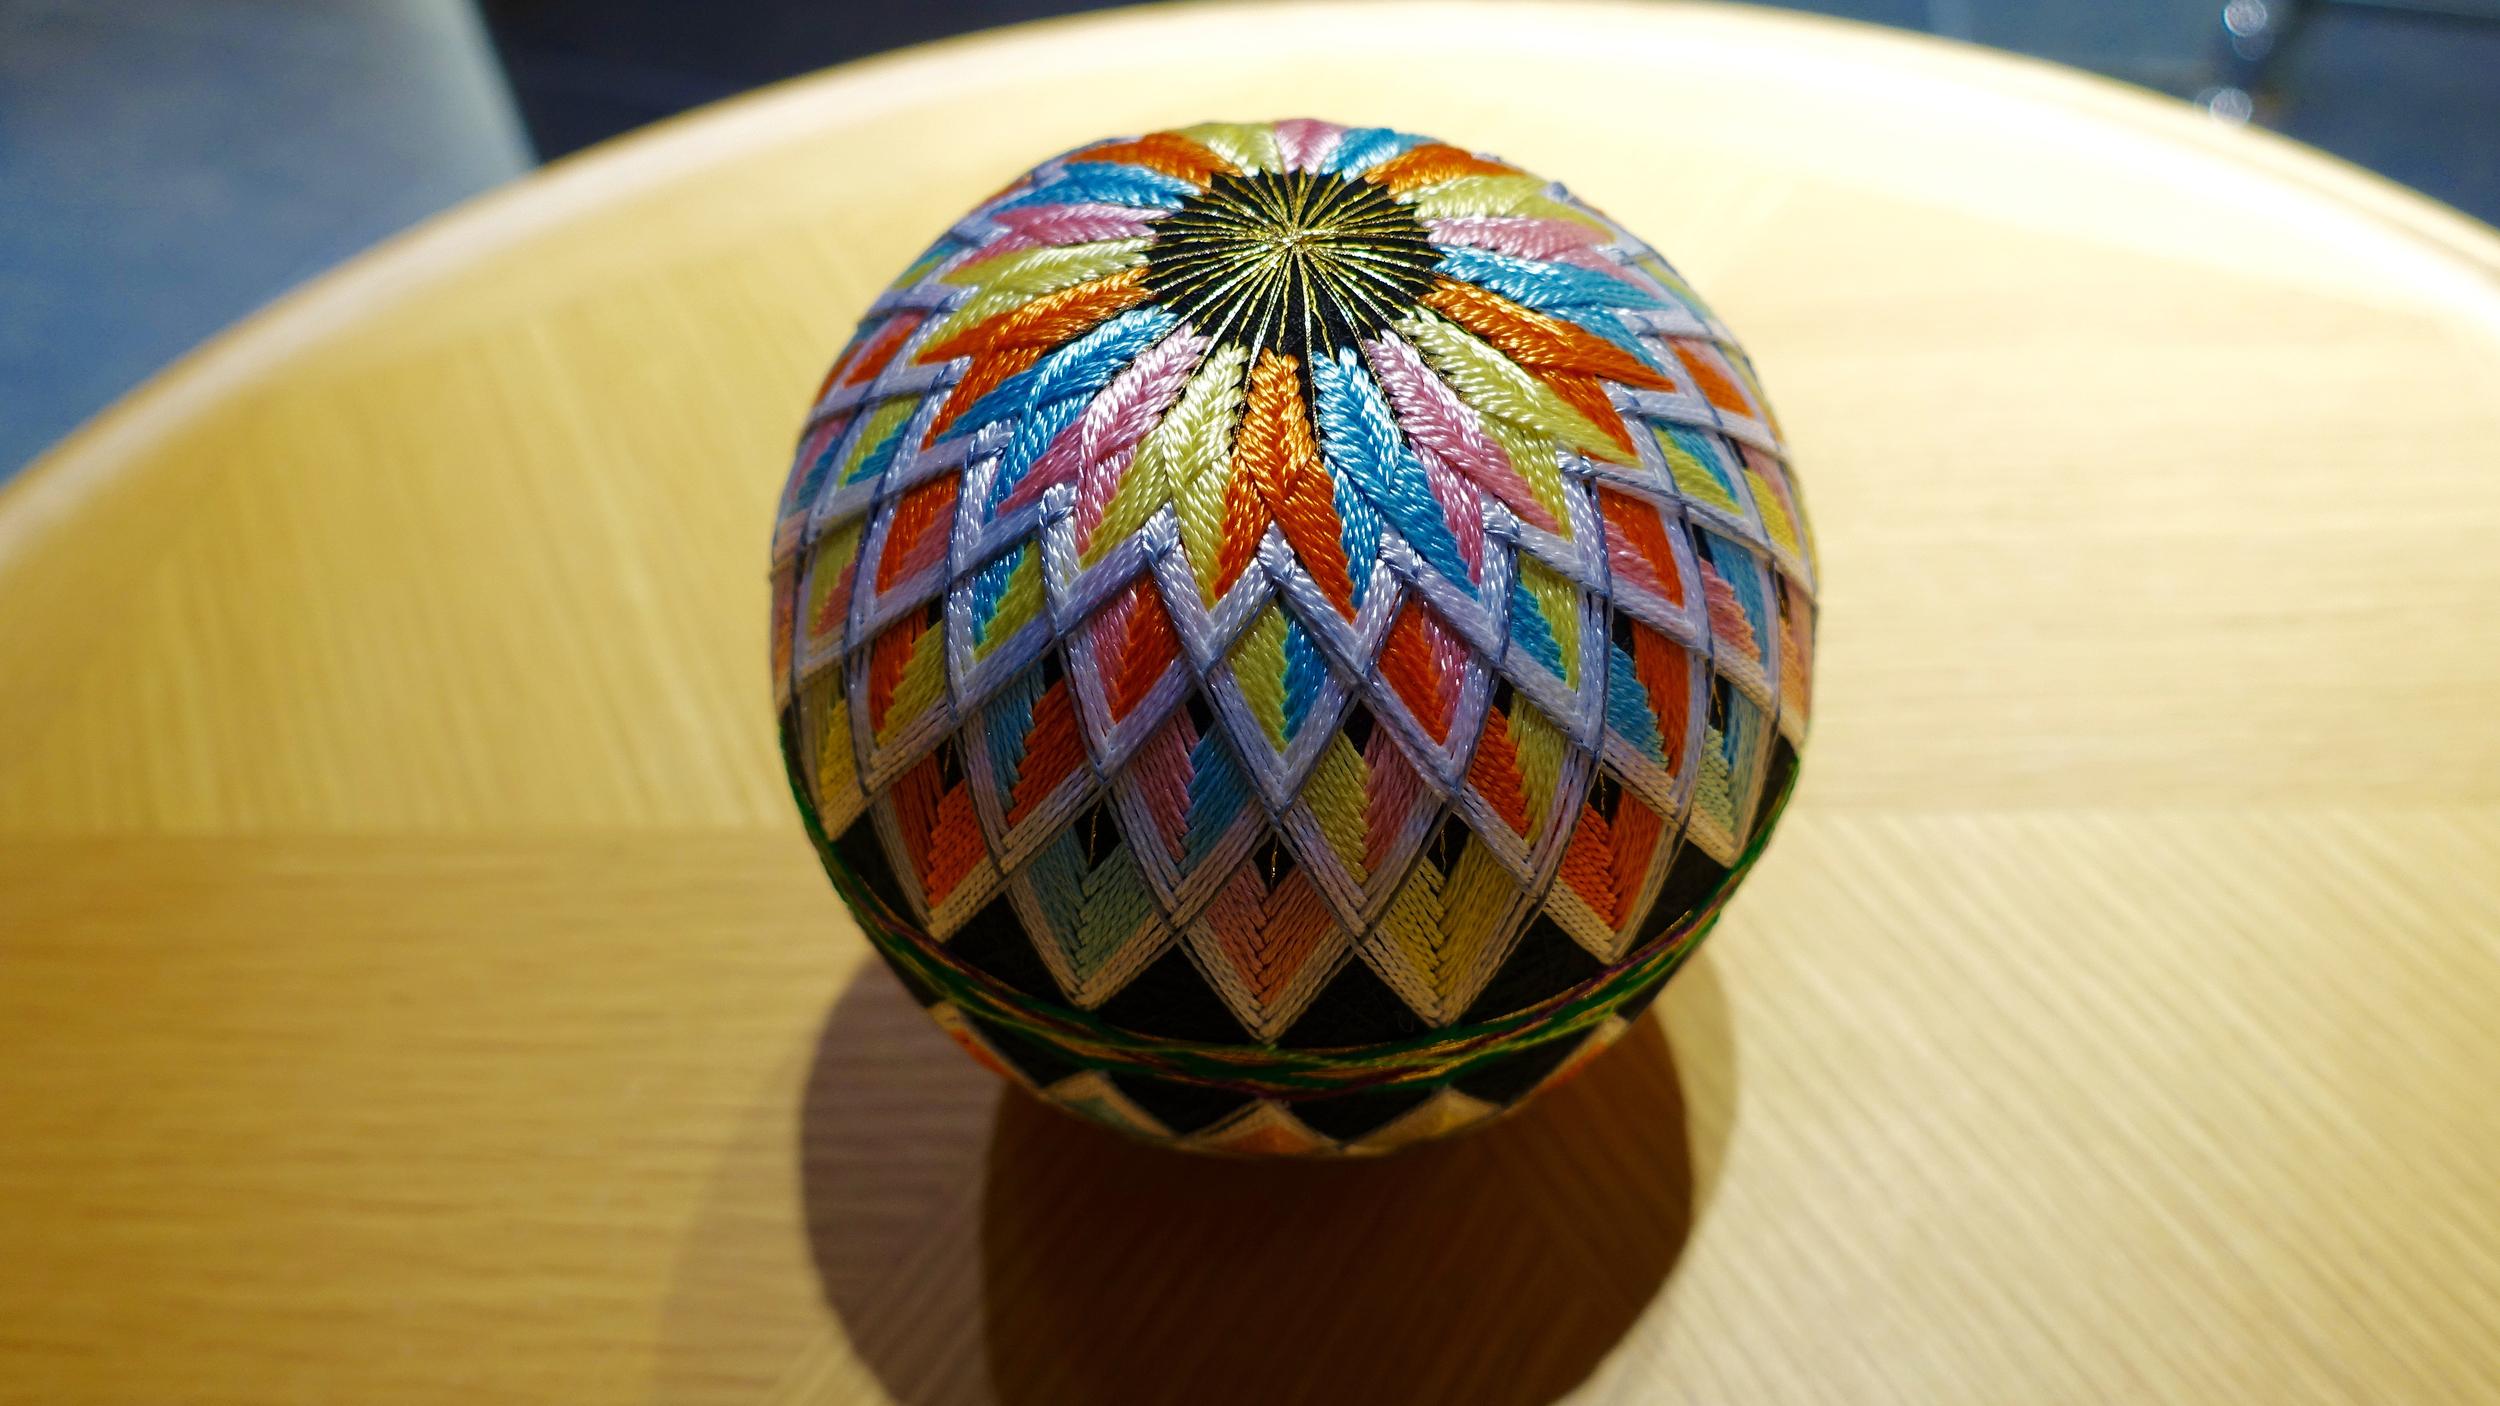 Hand crafted Temari